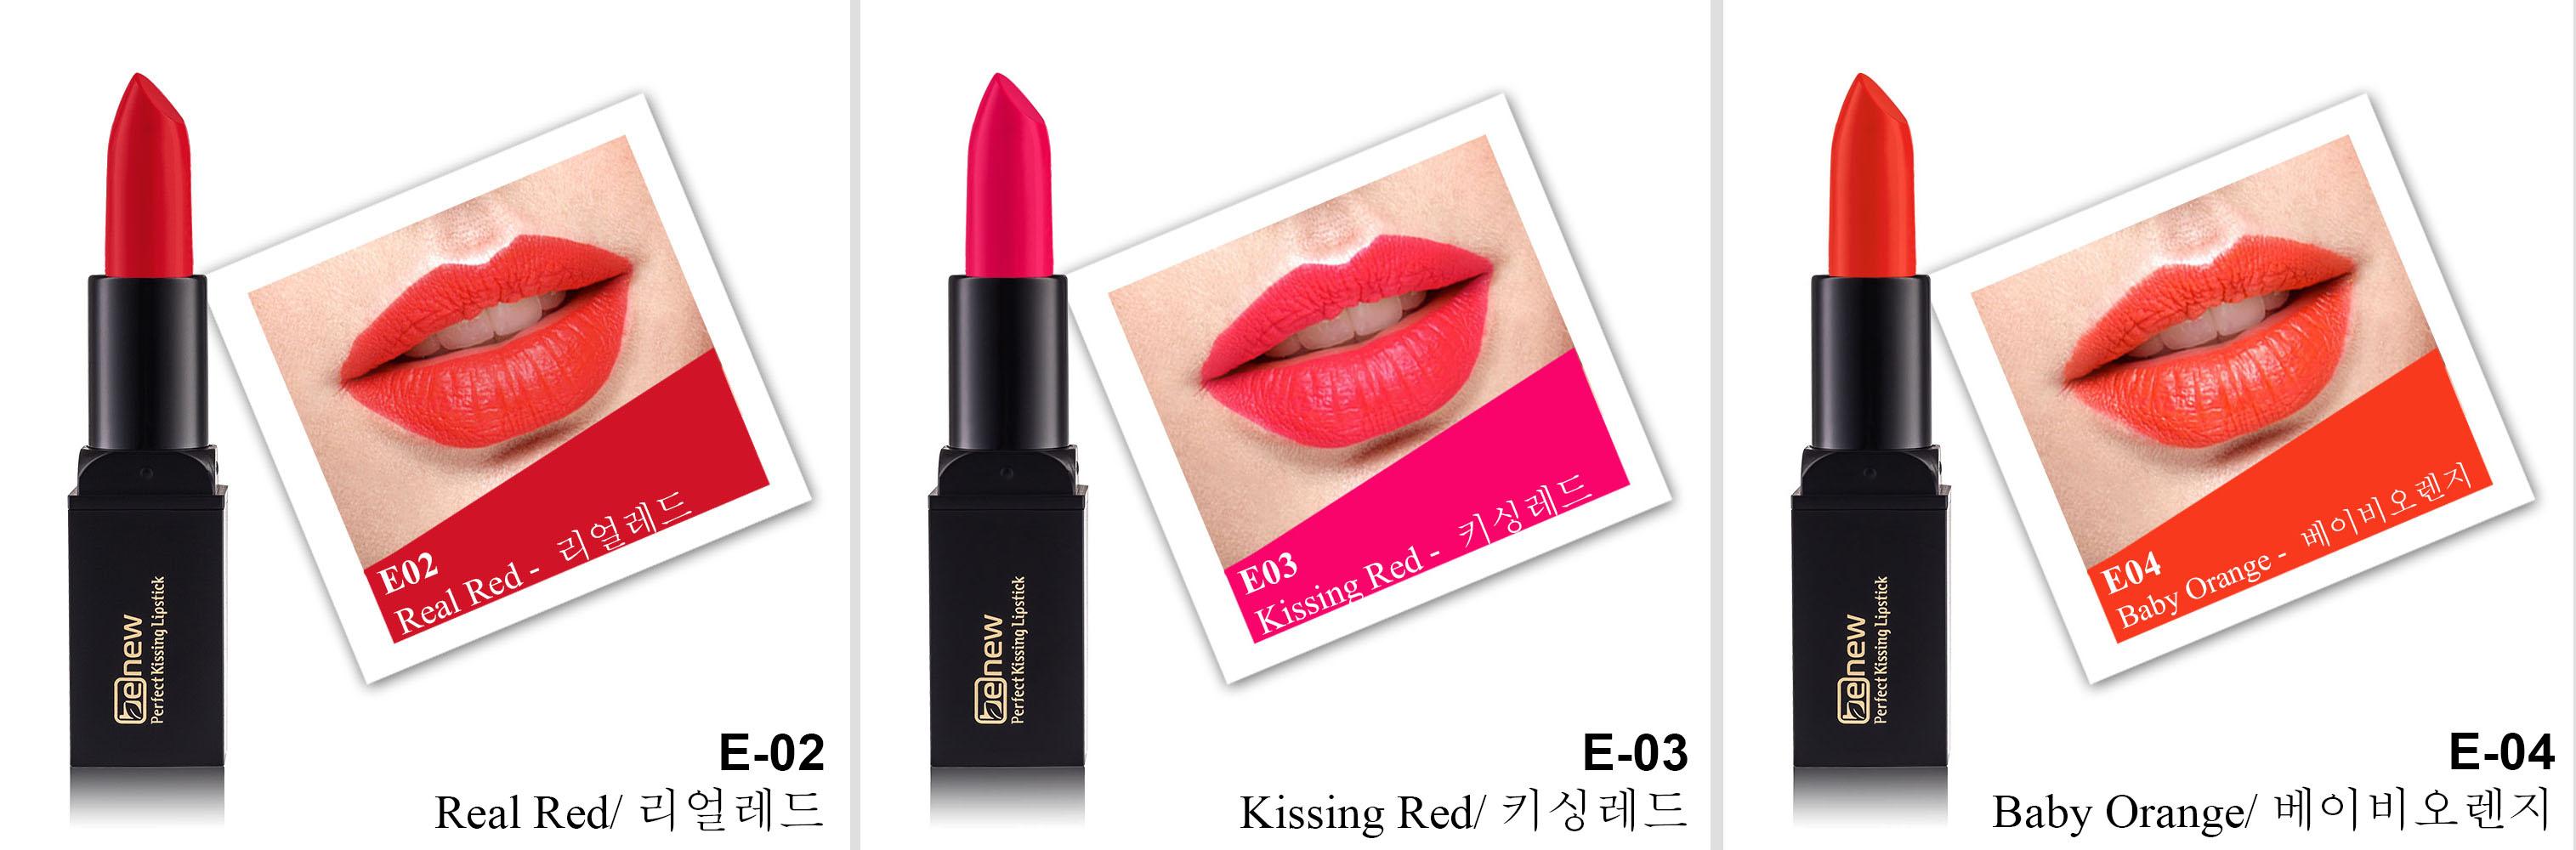 Son lì dưỡng, siêu mềm mượt Benew Perfect Kissing Hàn Quốc 3.5g E02 Real Red tặng kèm móc khóa 1